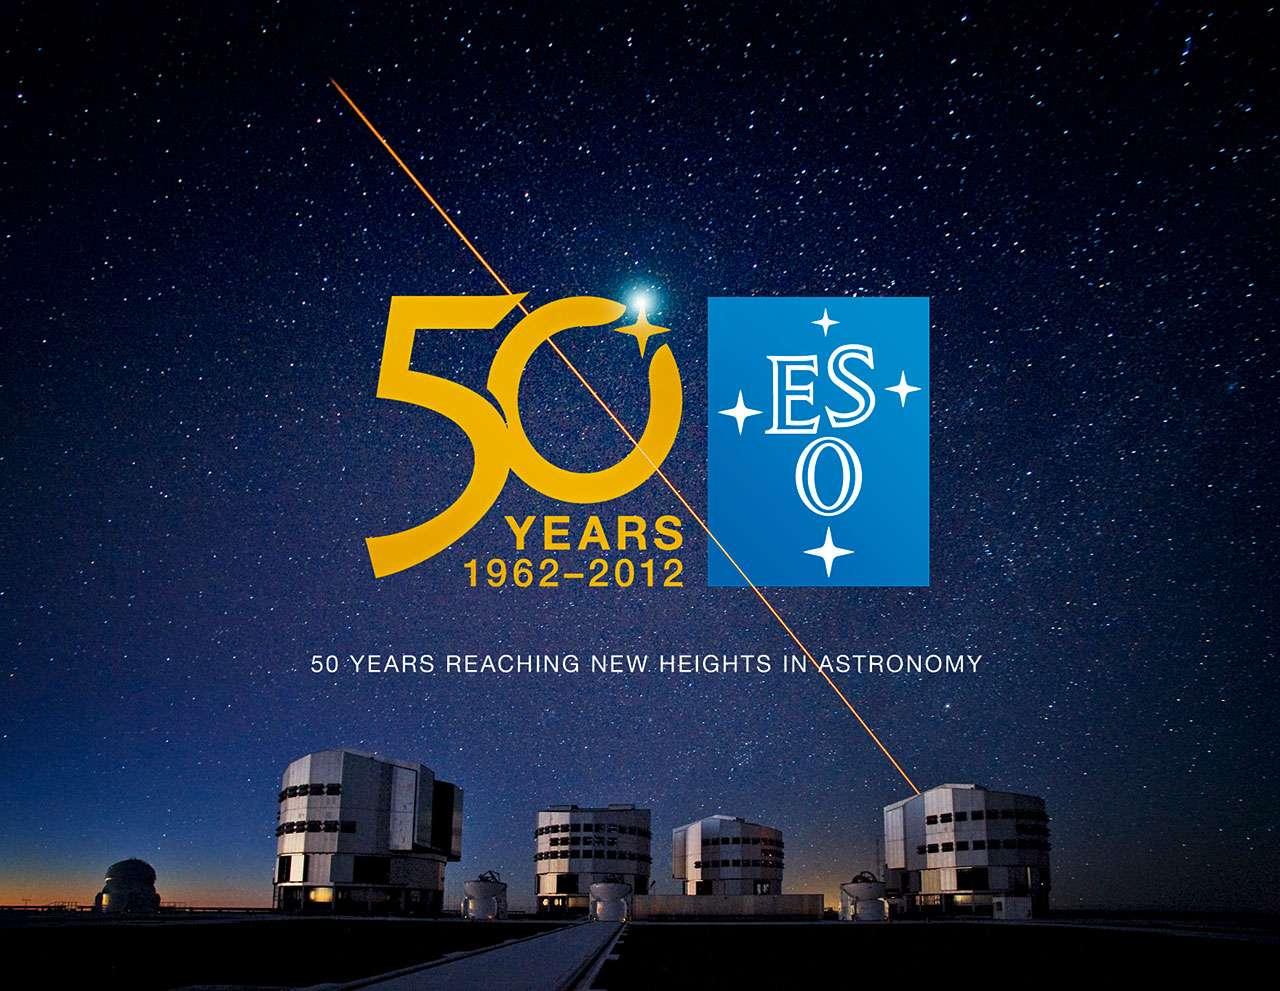 En 2012, l'Observatoire européen austral fêtera ses 50 ans. © ESO